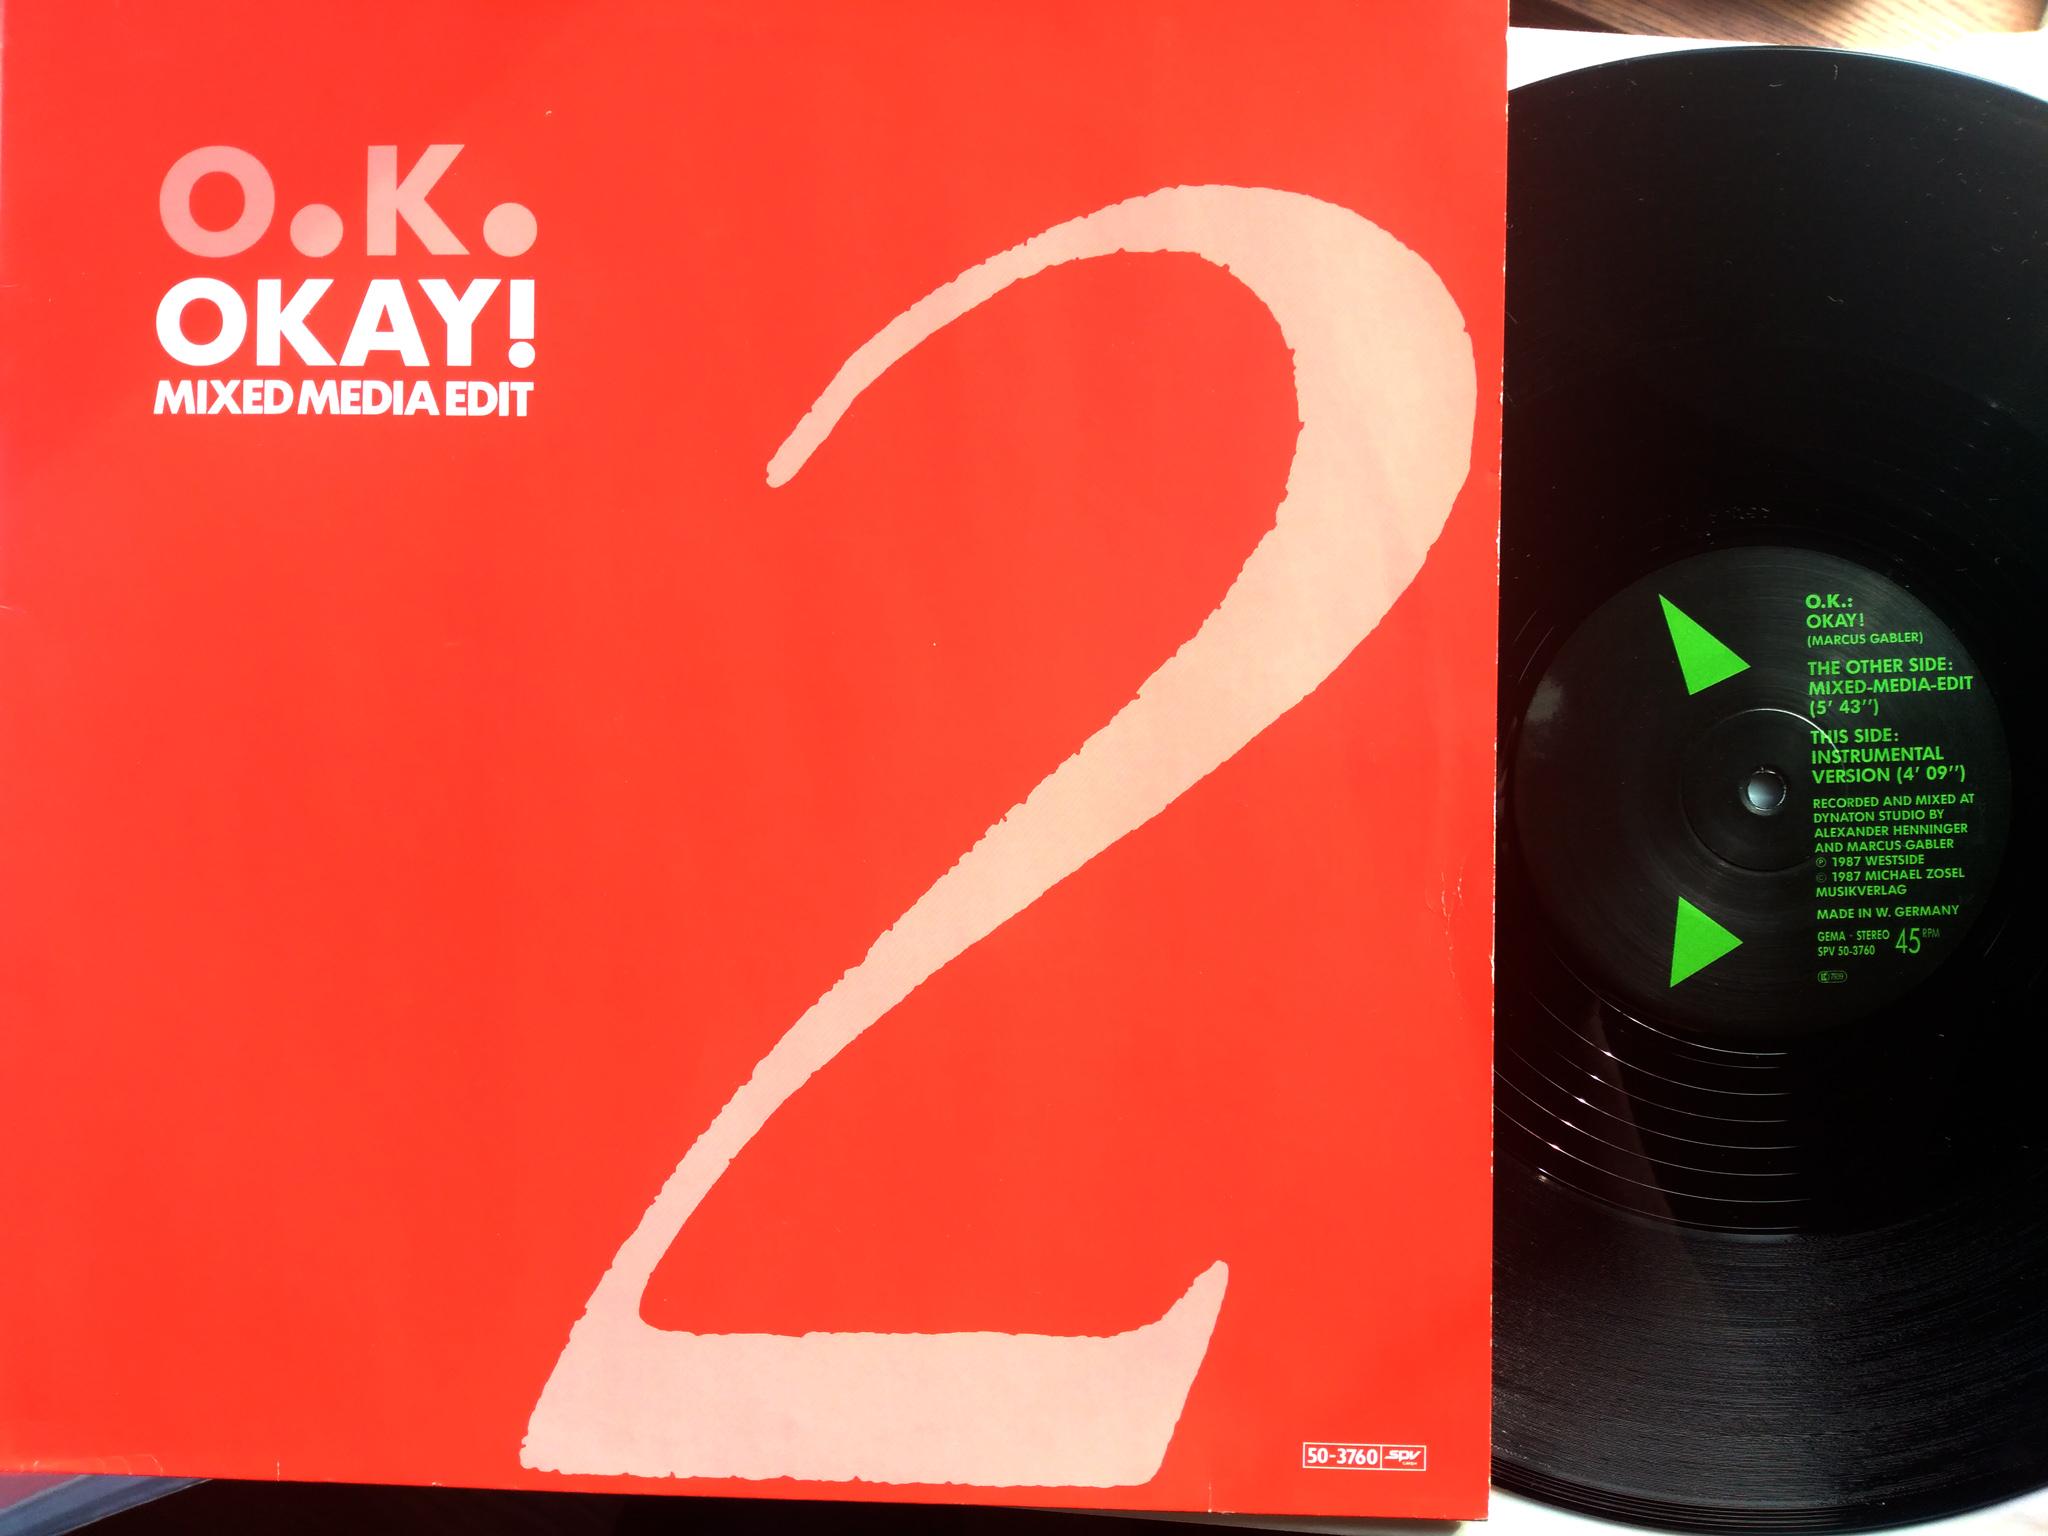 O.K. - Okay